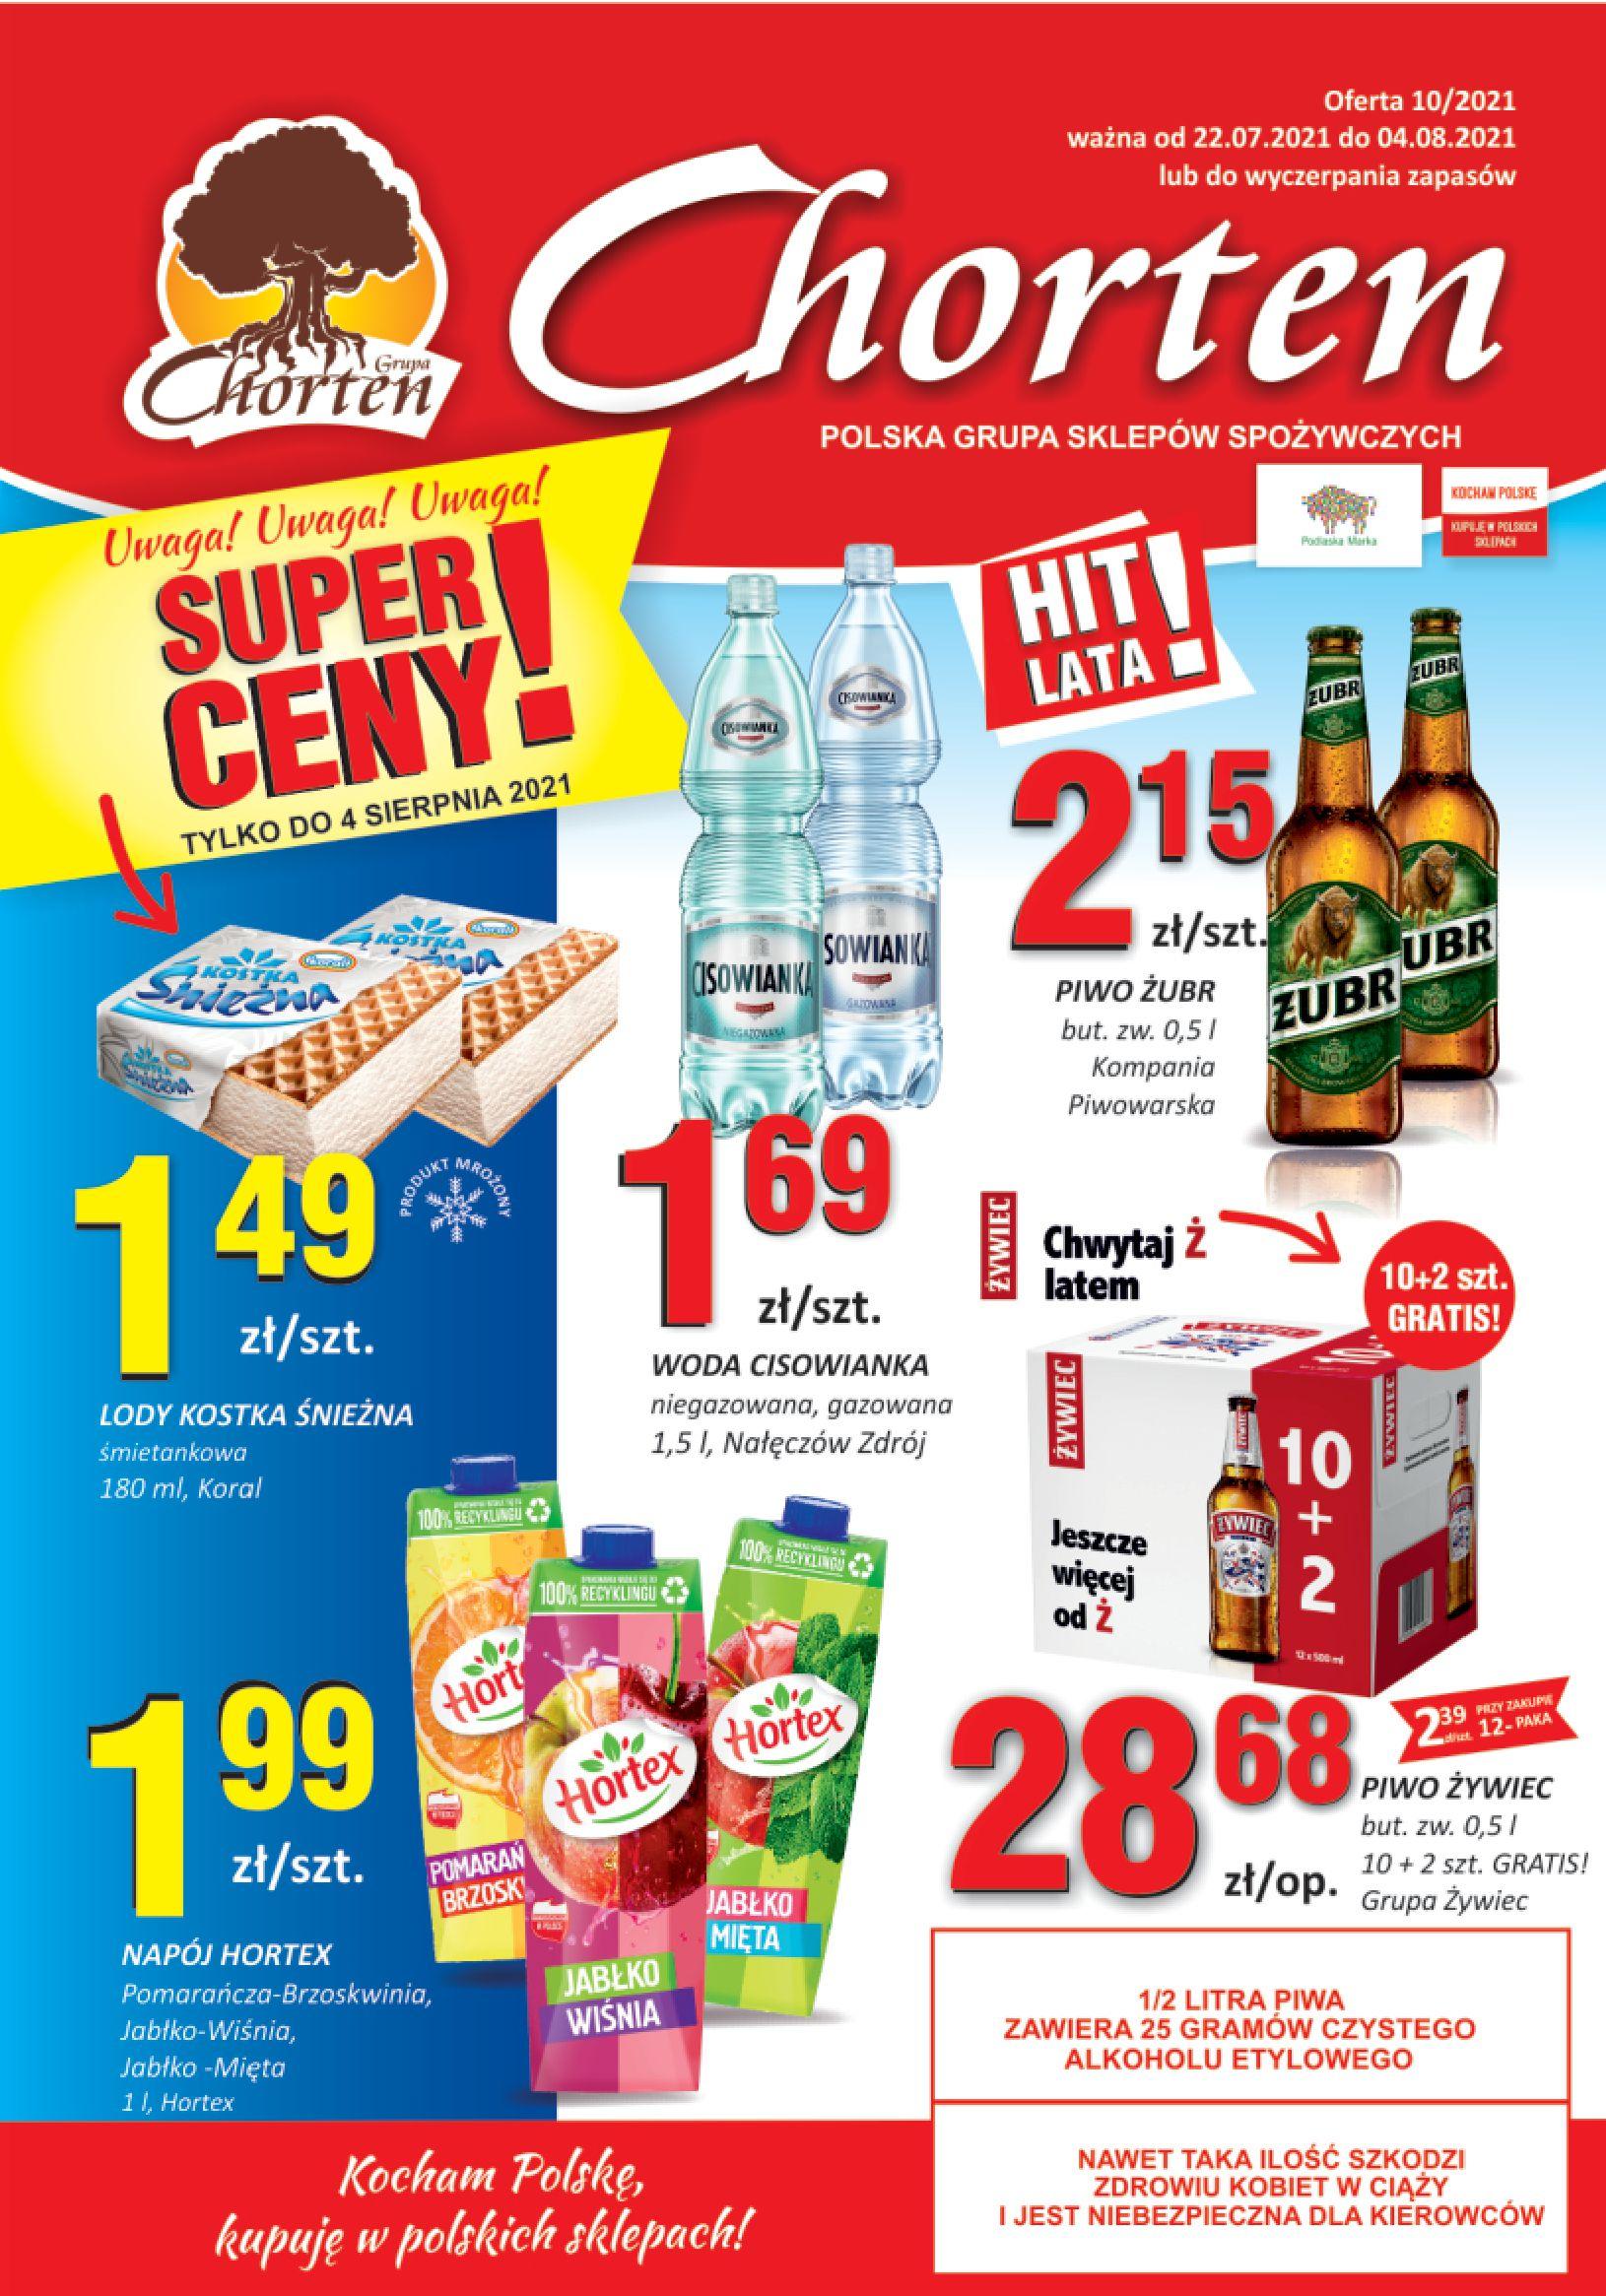 Gazetka Chorten: Gazetka Chorten - Podlasie 2021-07-22 page-1